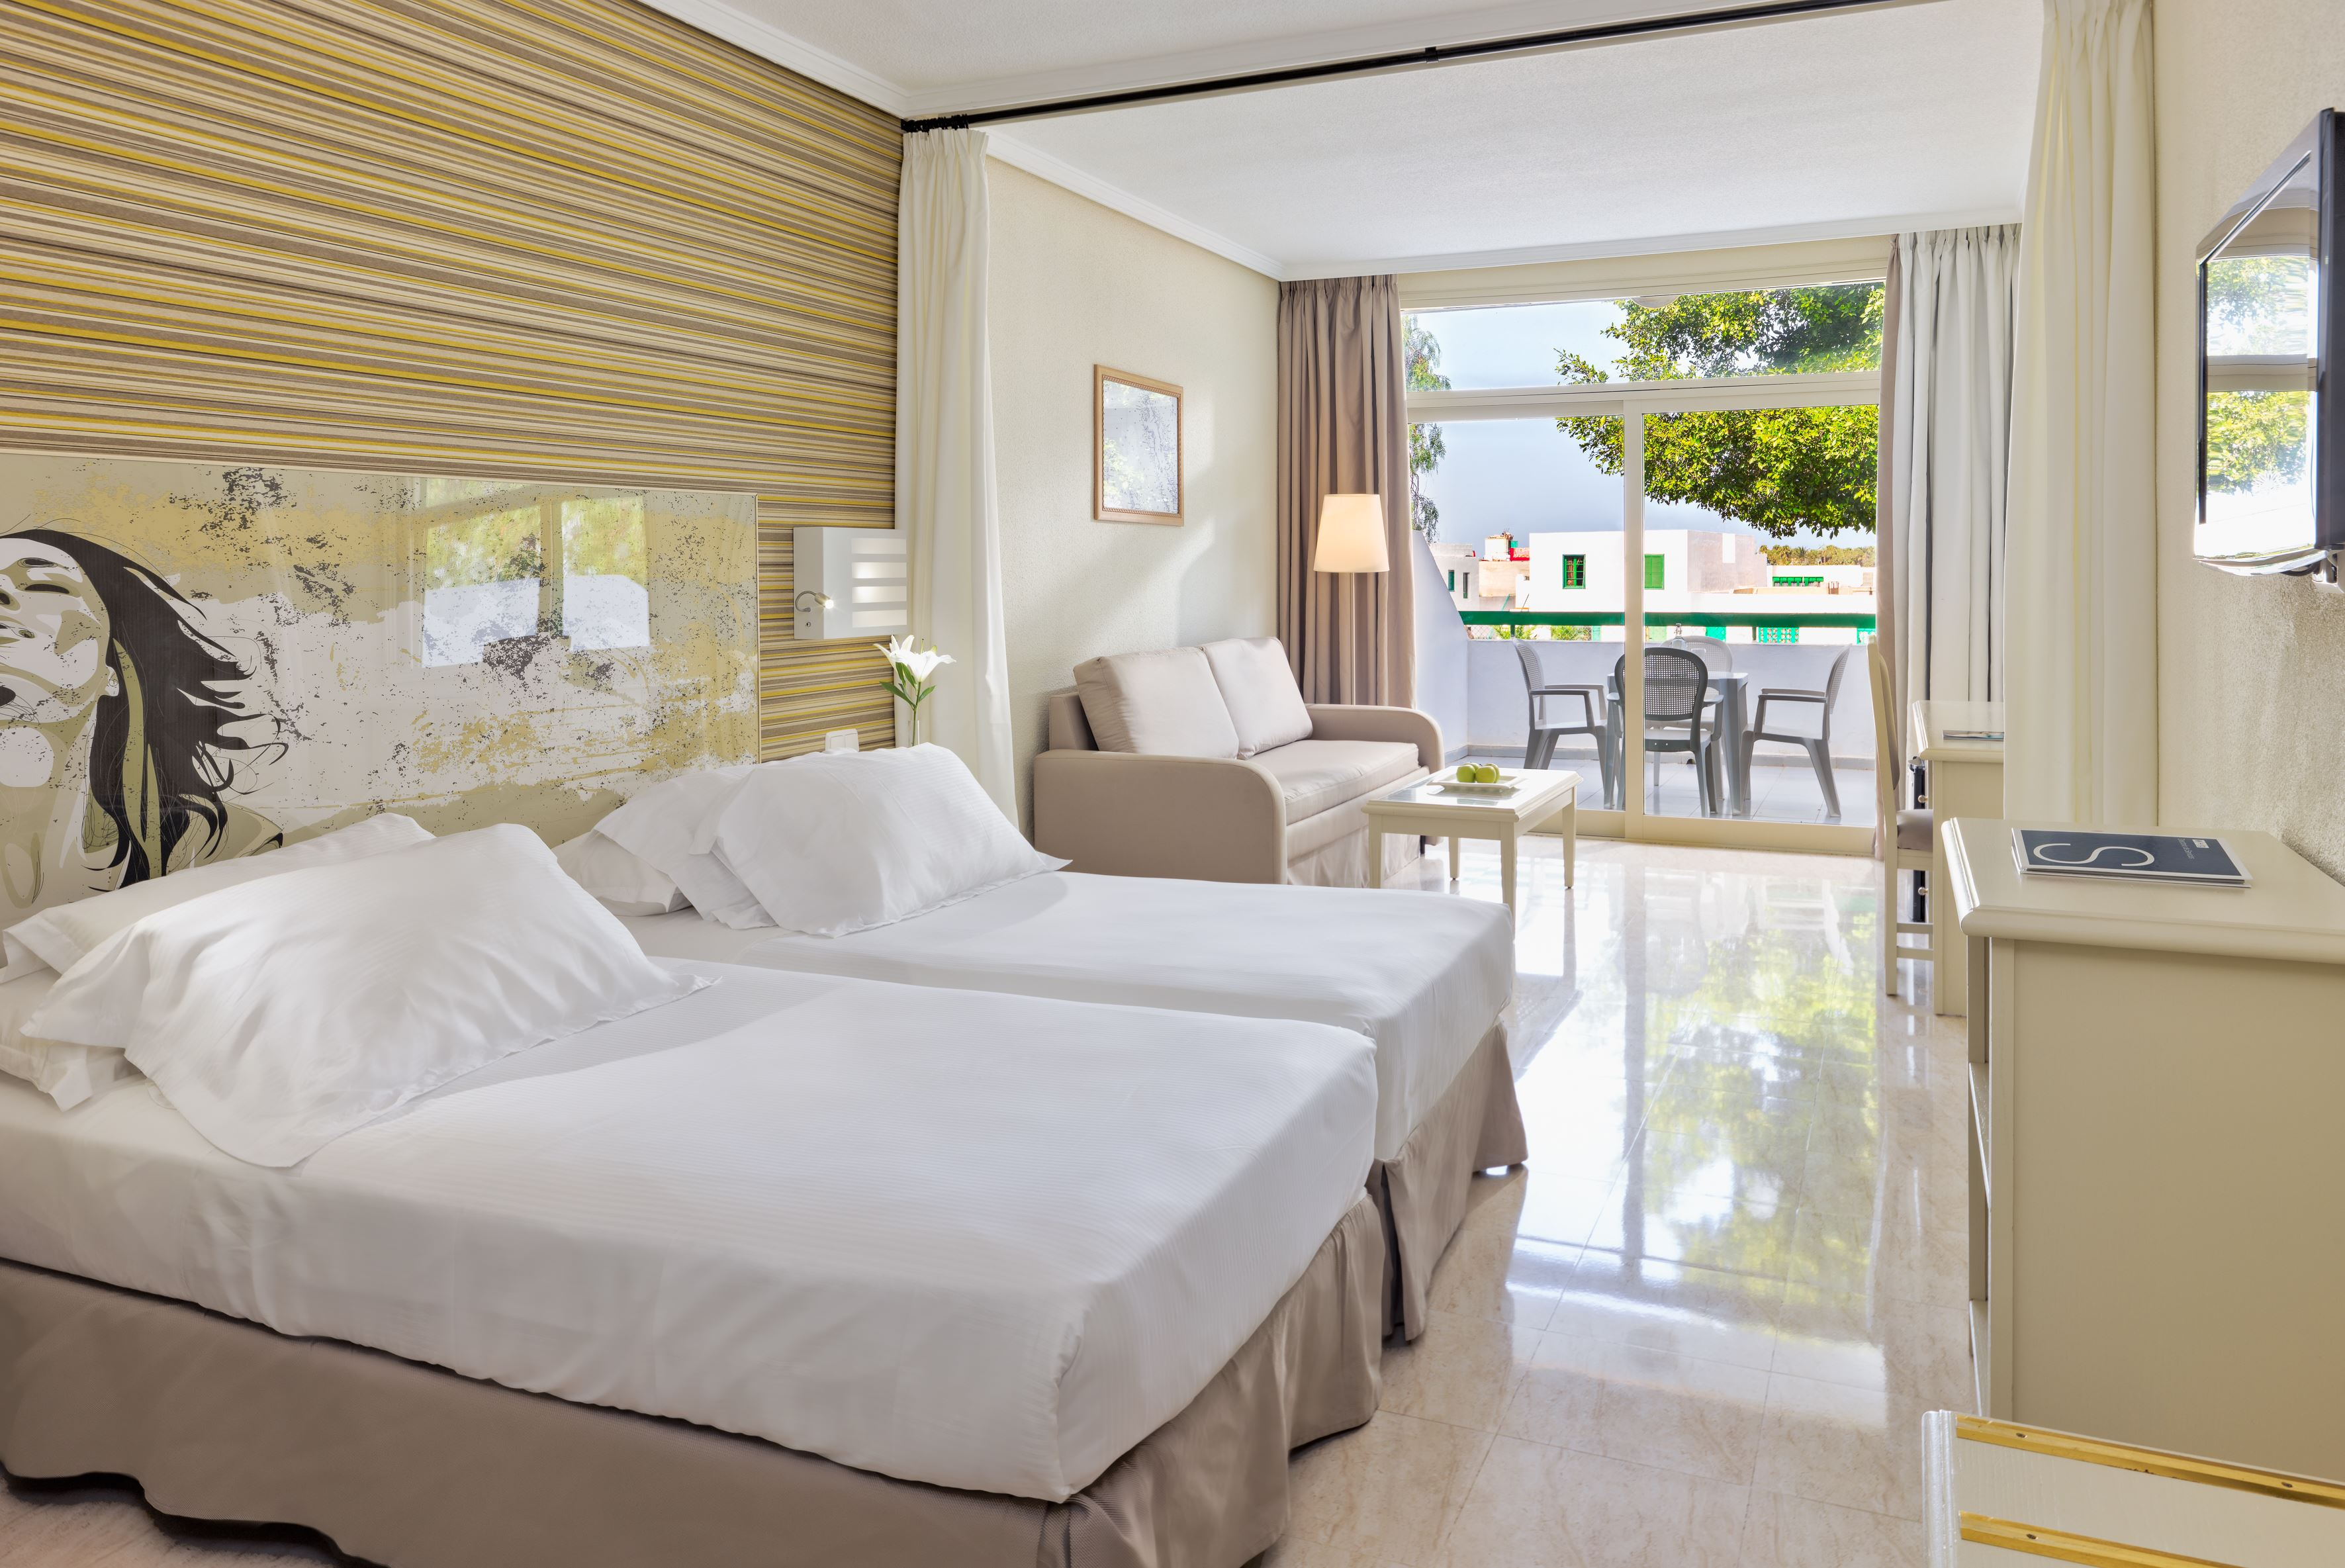 Hotell H10 Lanzarote Princess: Populärt familjehotell – halvpension ingår!